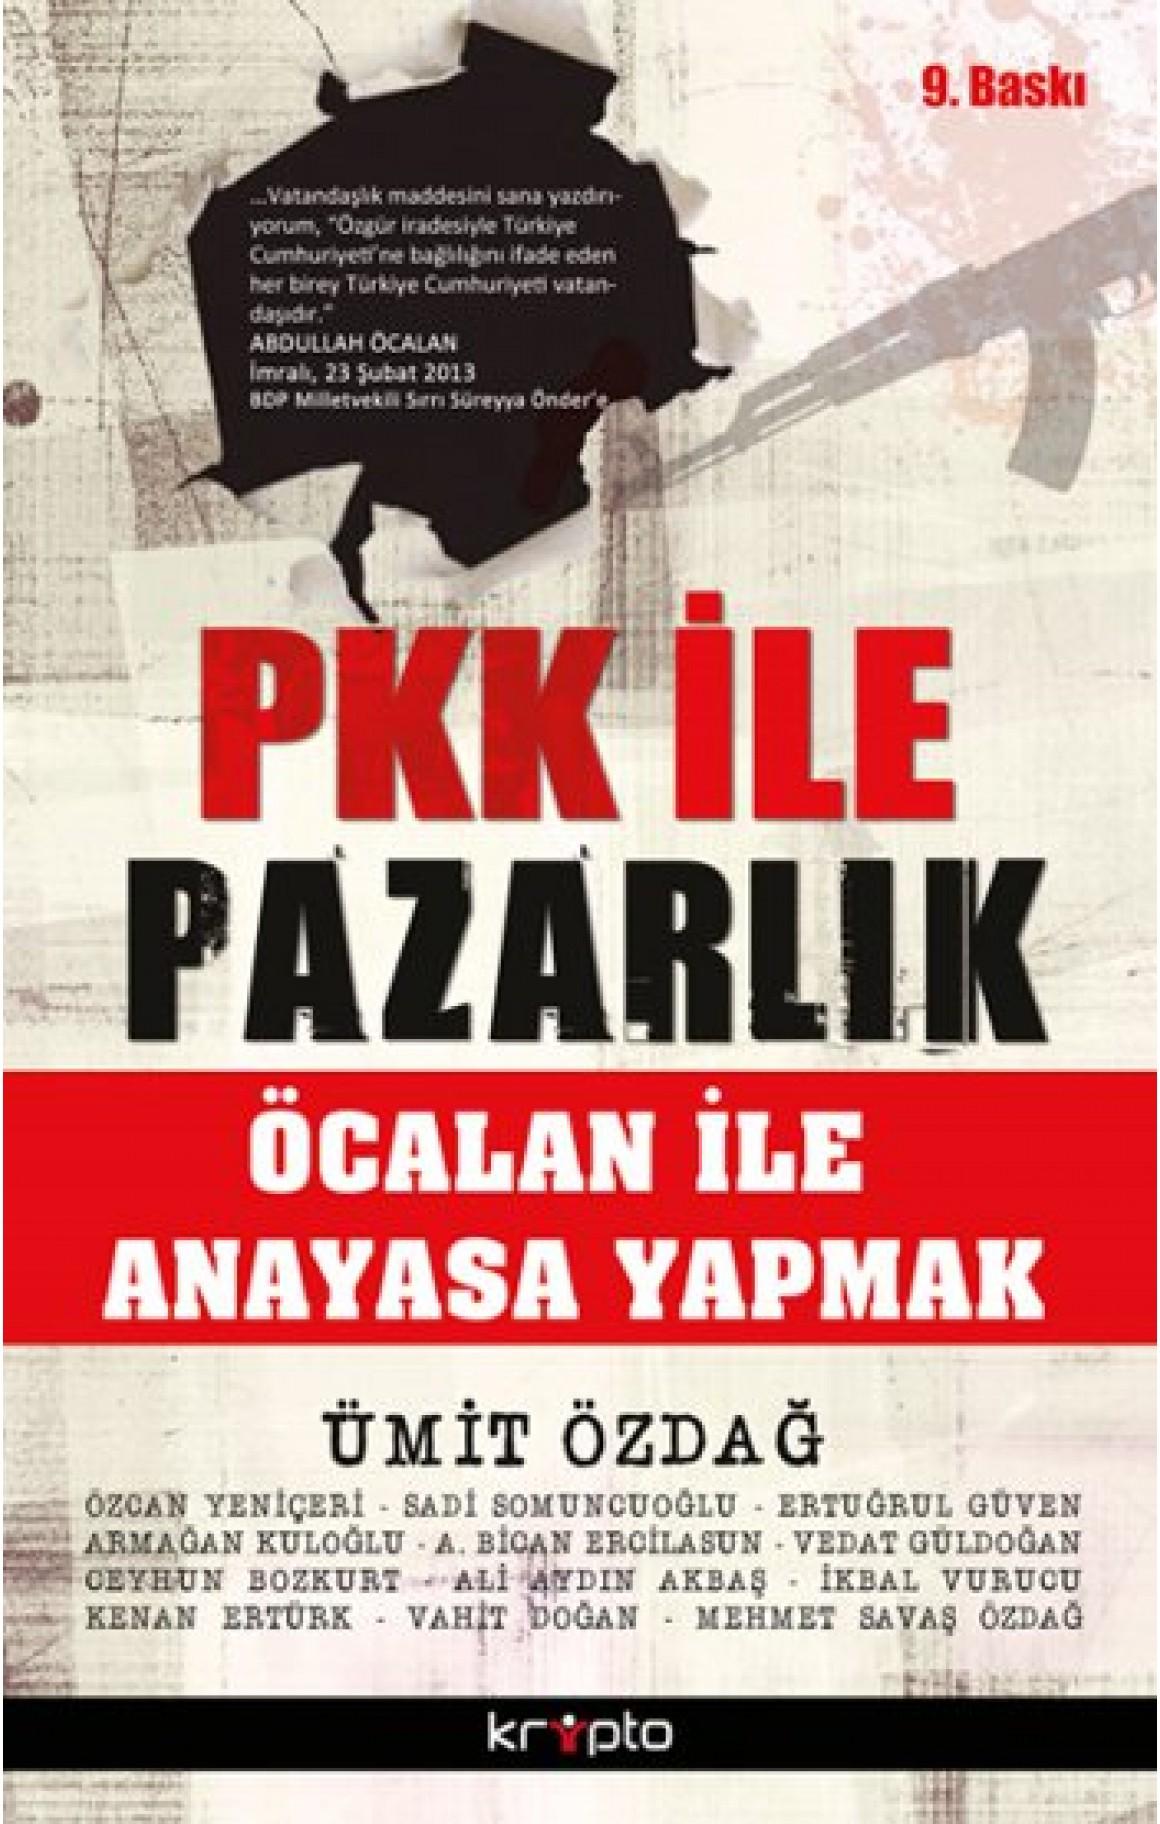 PKK ile Pazarlık